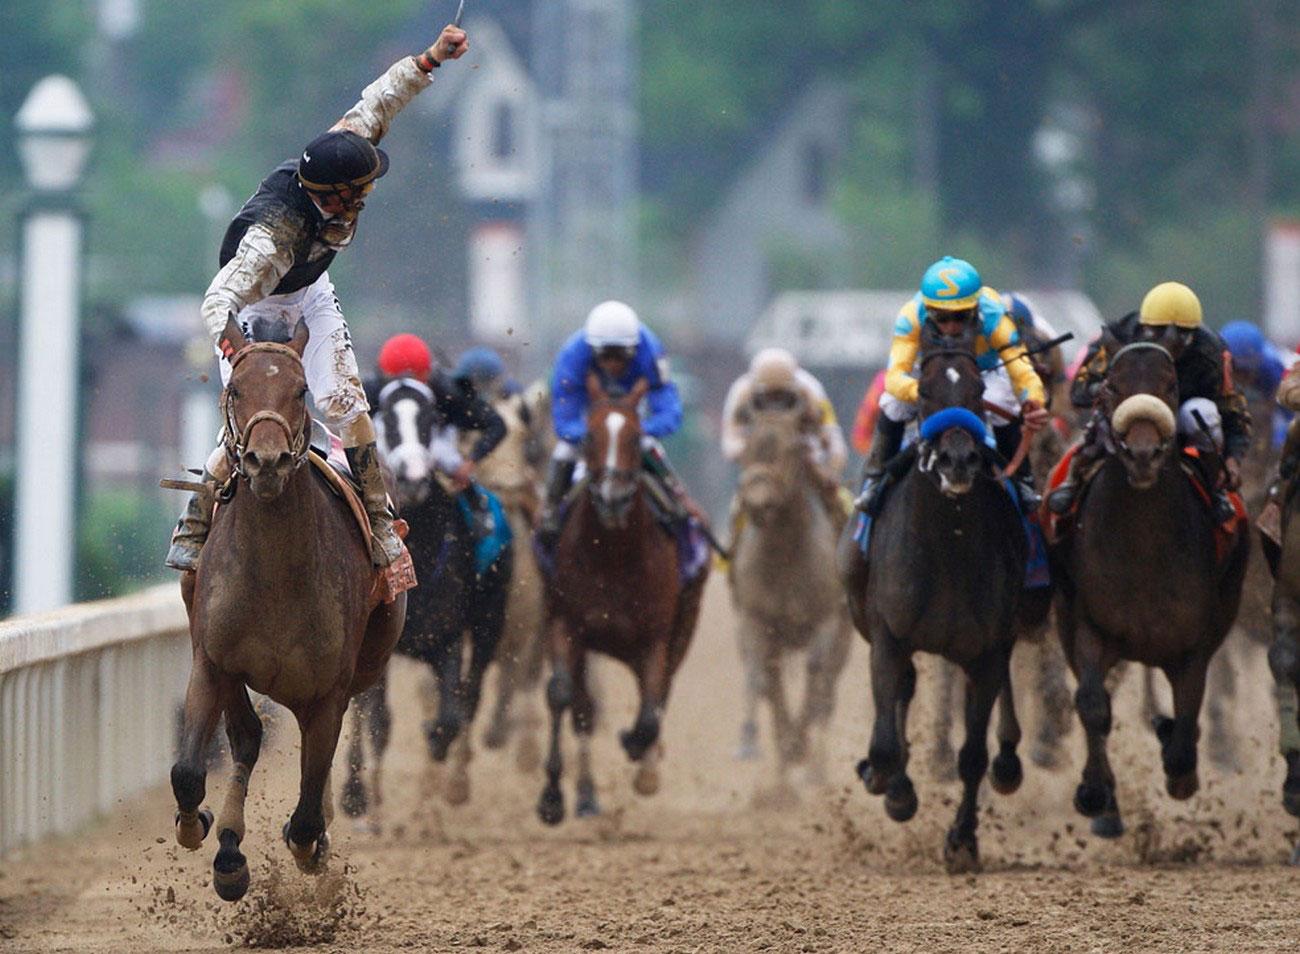 лошади на финишной прямой, фото